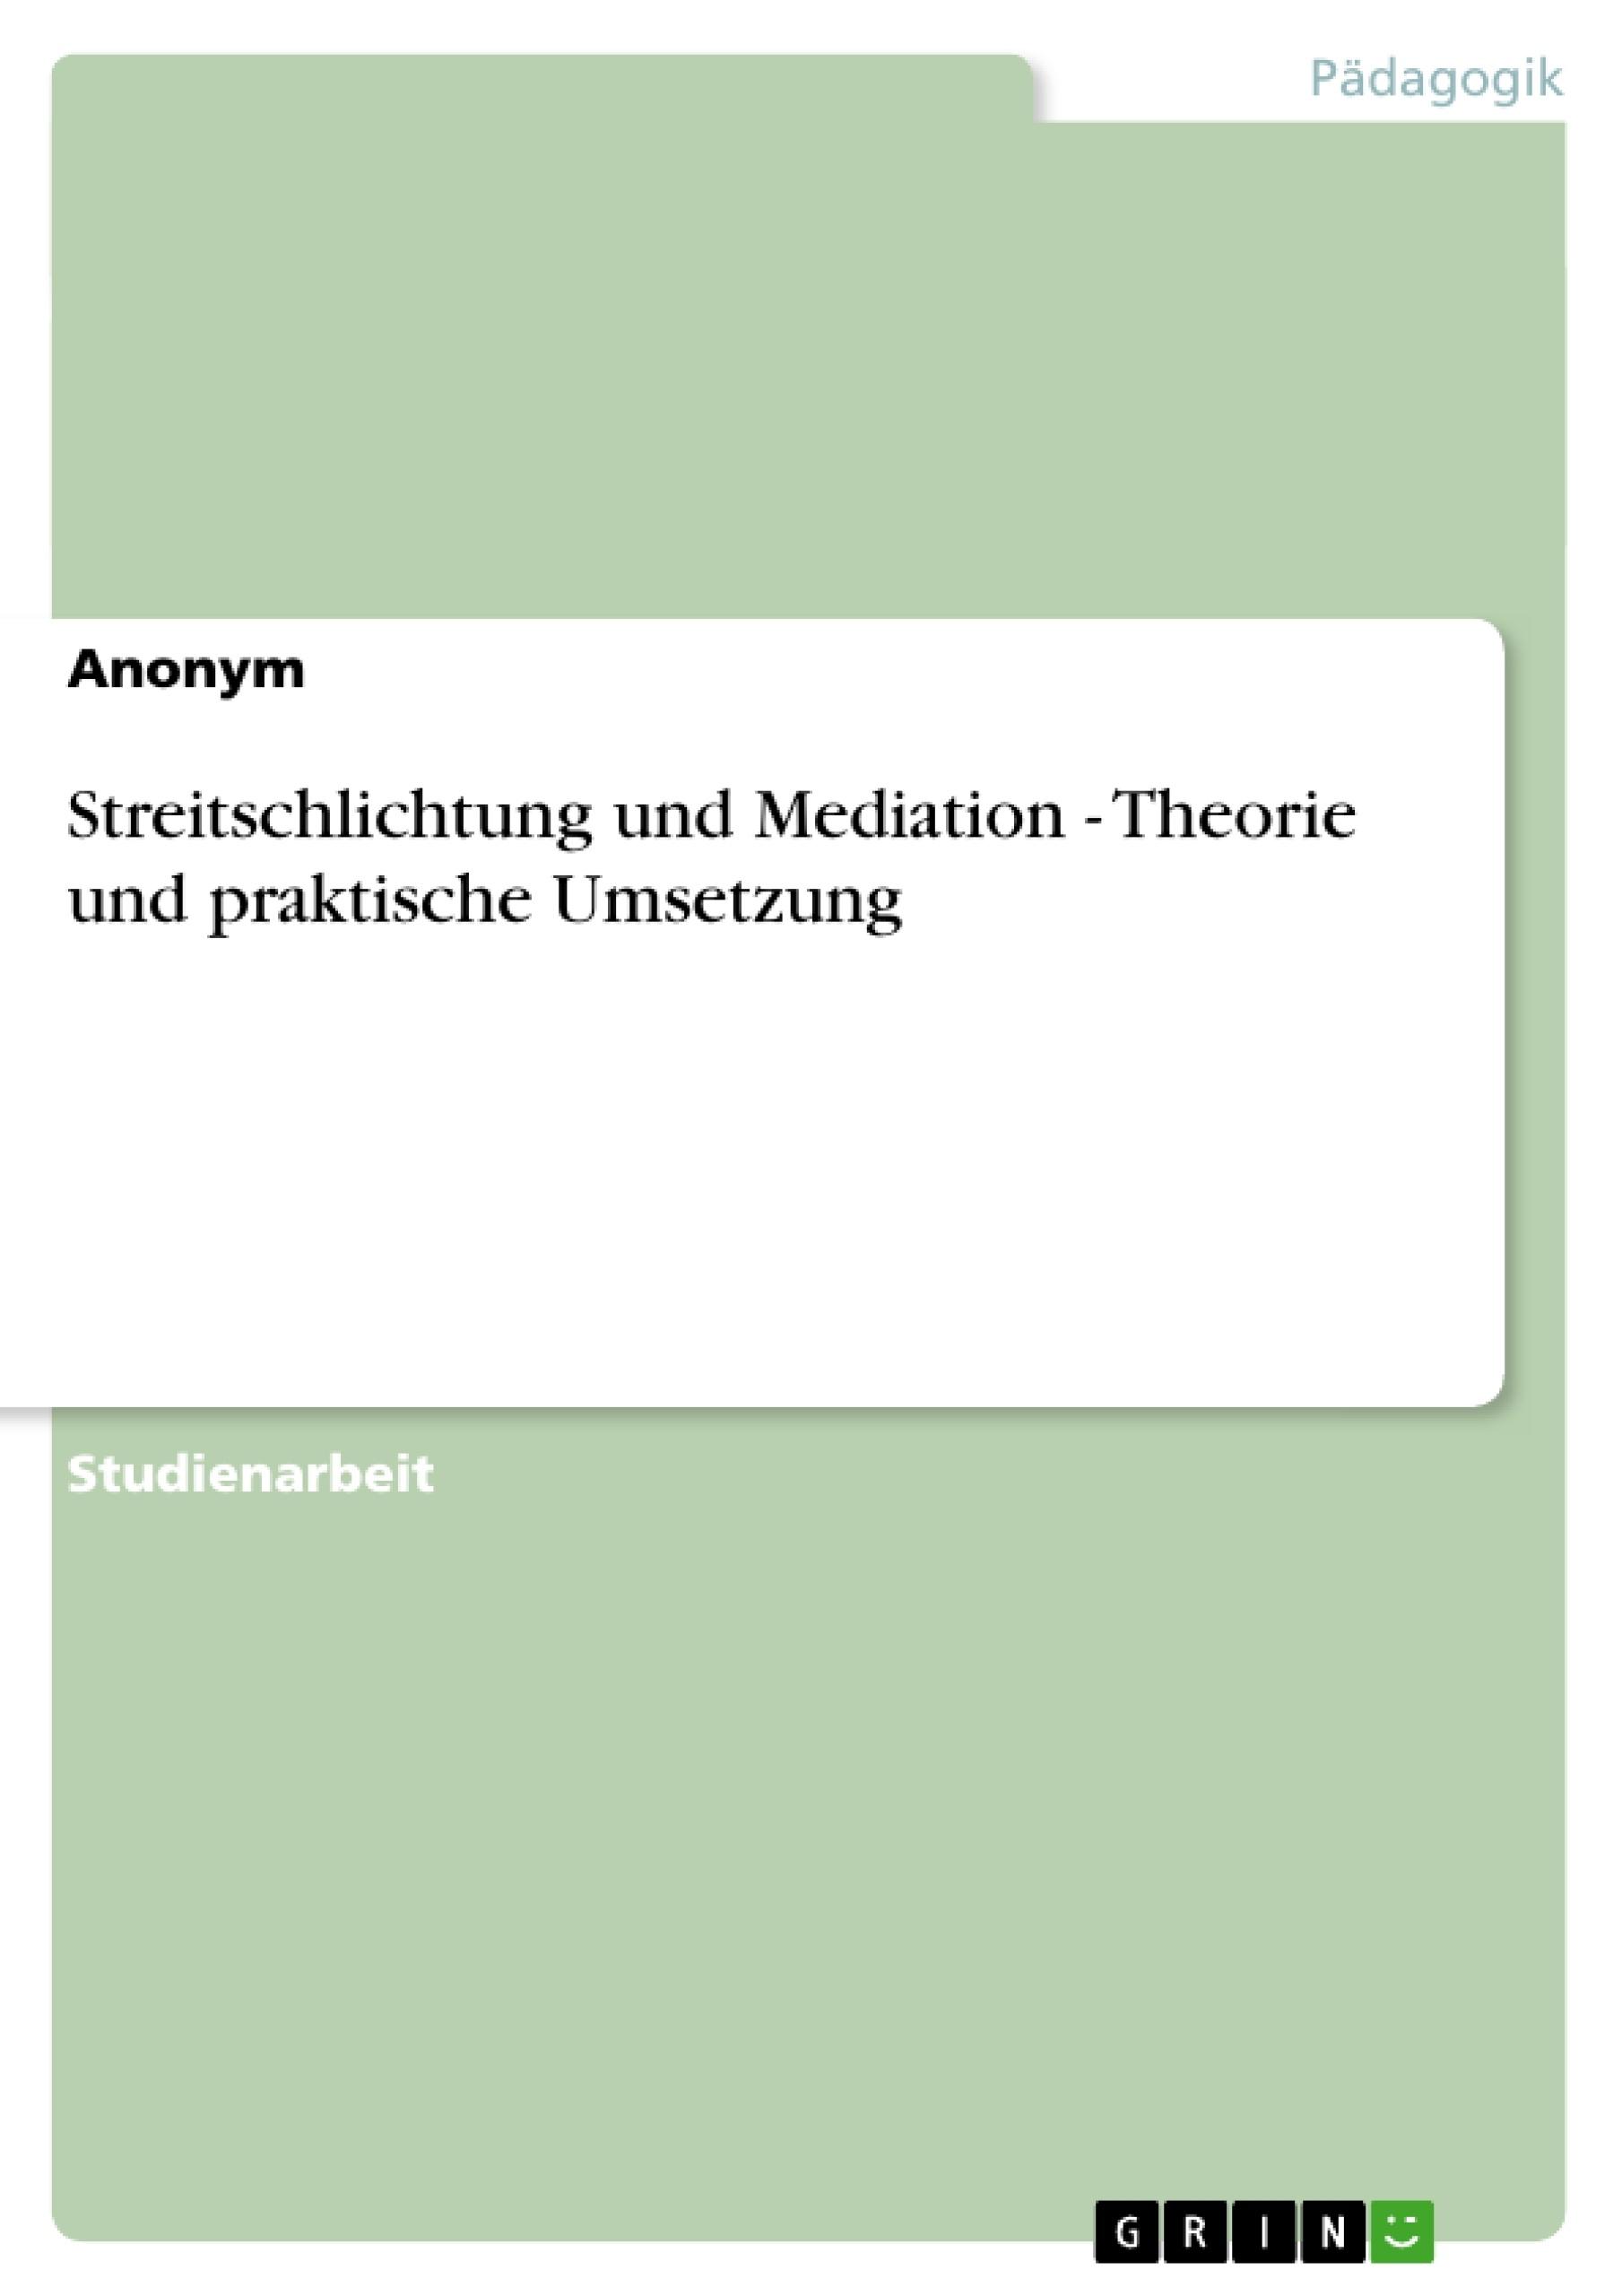 Titel: Streitschlichtung und Mediation  -  Theorie und praktische Umsetzung